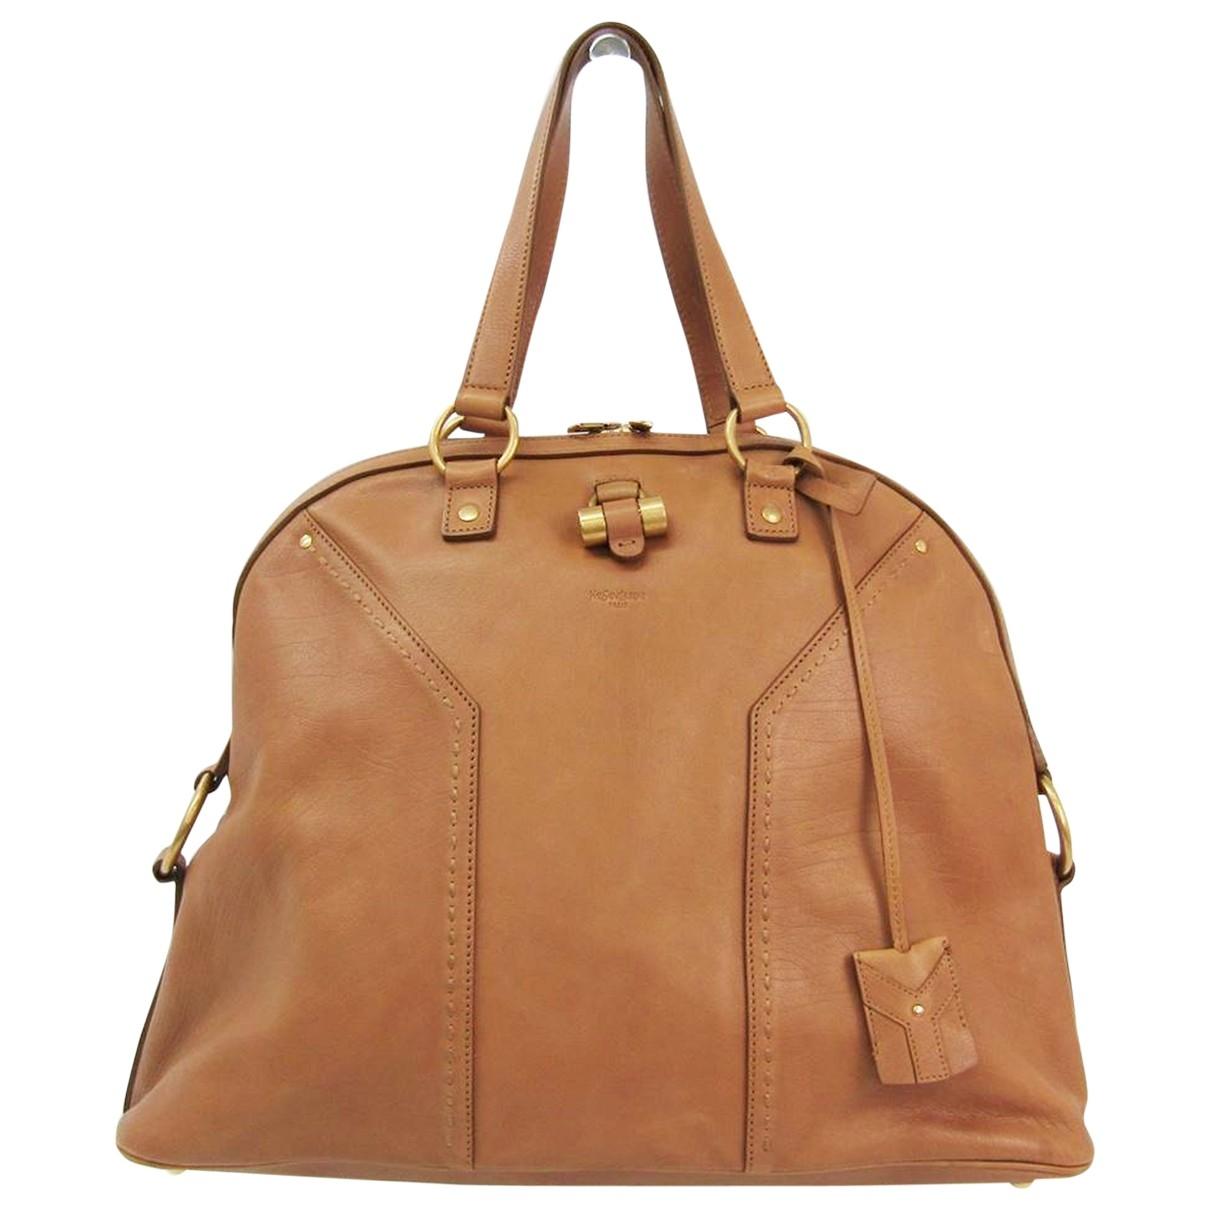 Yves Saint Laurent Muse Camel Leather handbag for Women \N